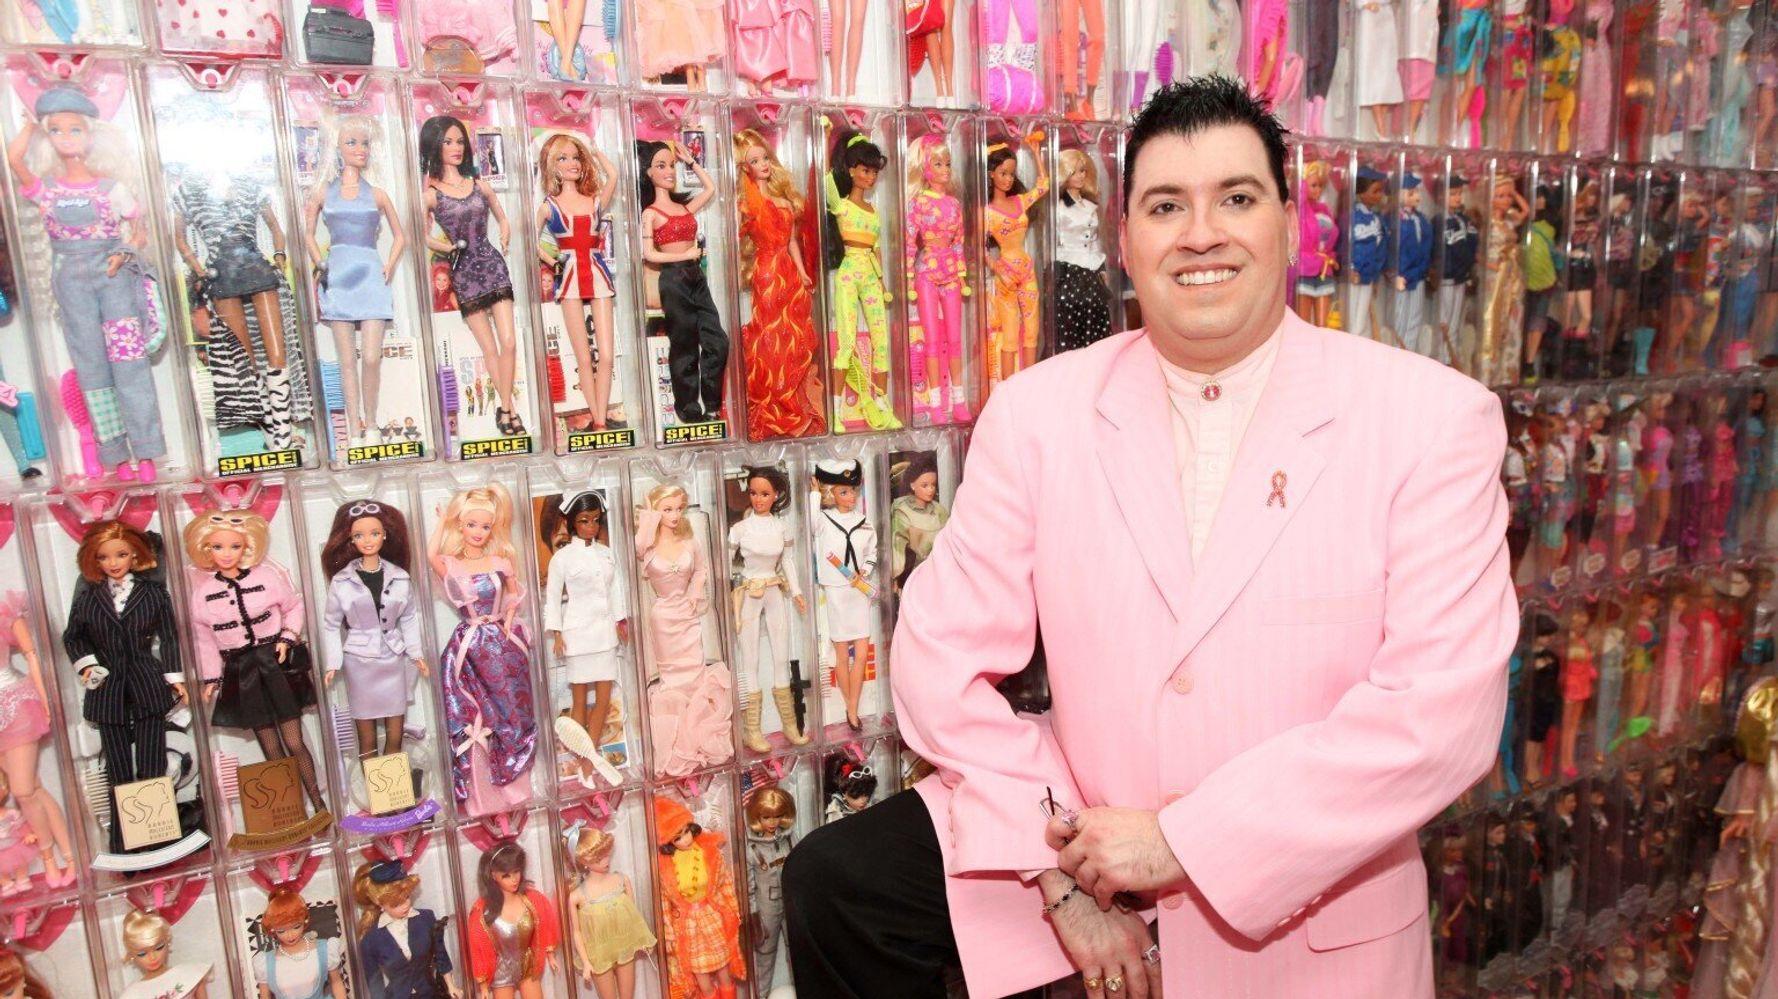 'Barbie Man' Stanley Colorite Owns 3,000 Barbie & Ken